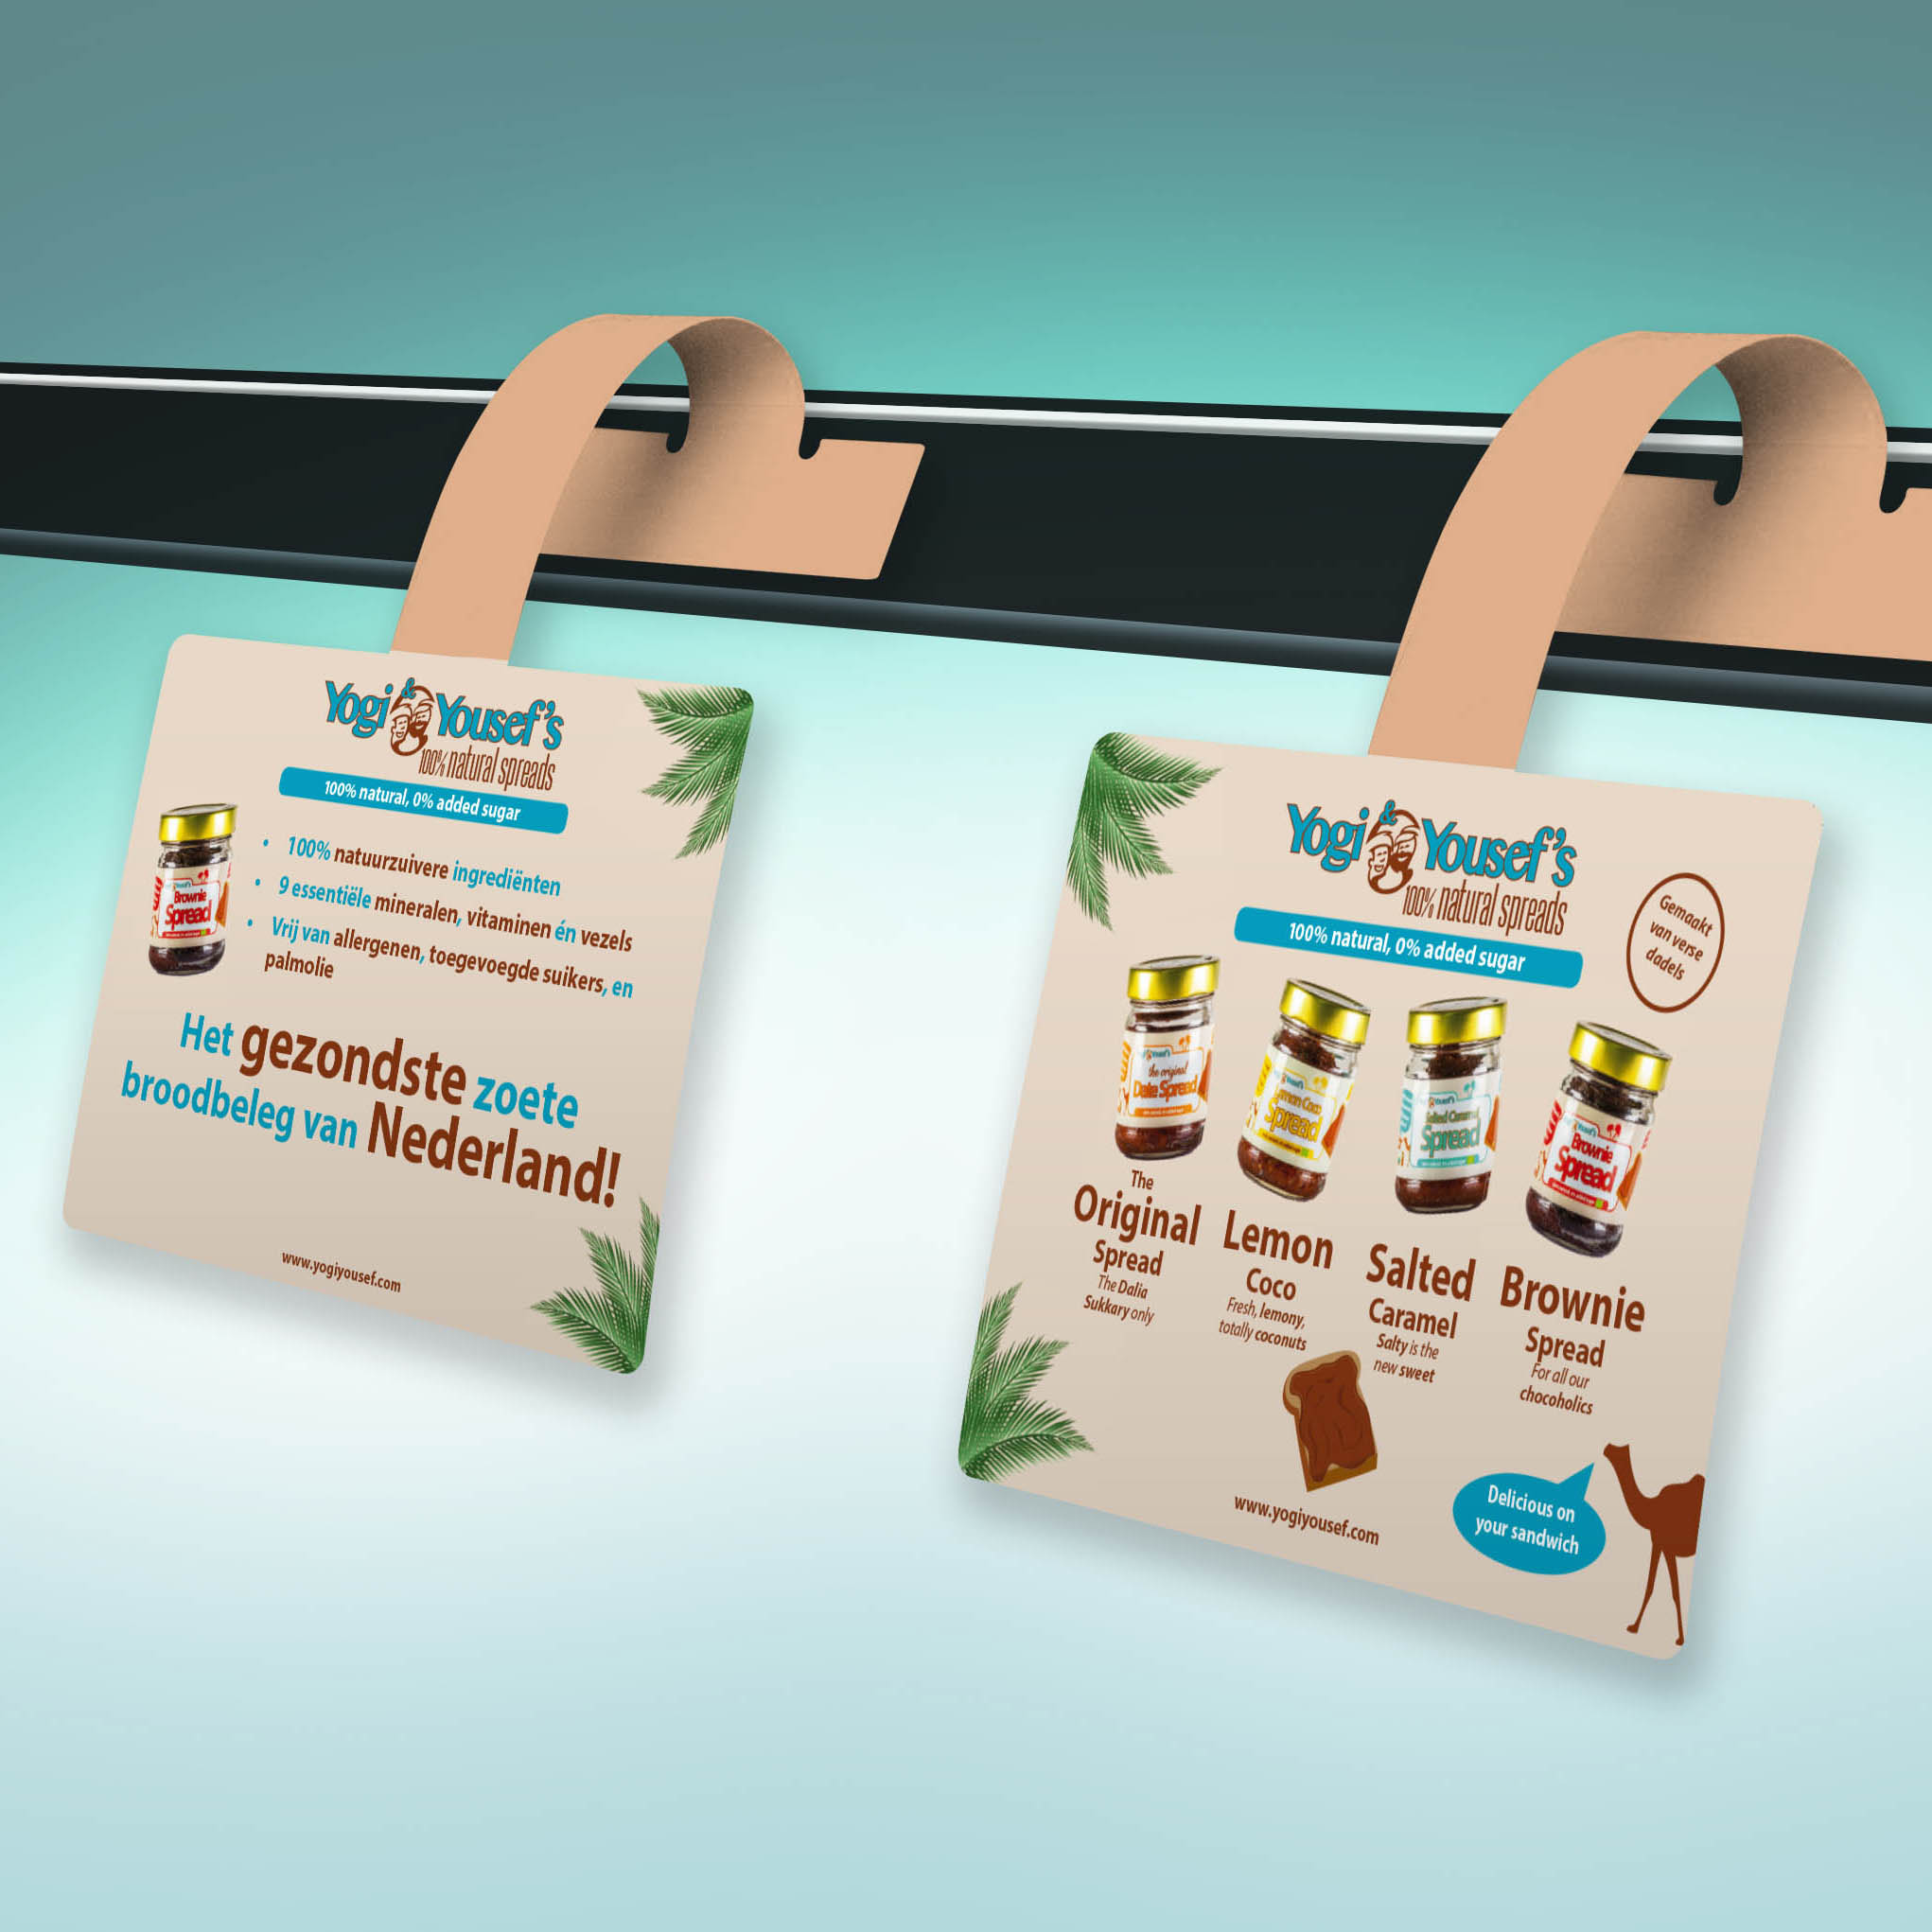 Ontwerp schapkaarten - retail promotiemateriaal - grafisch ontwerp Dots & Lines